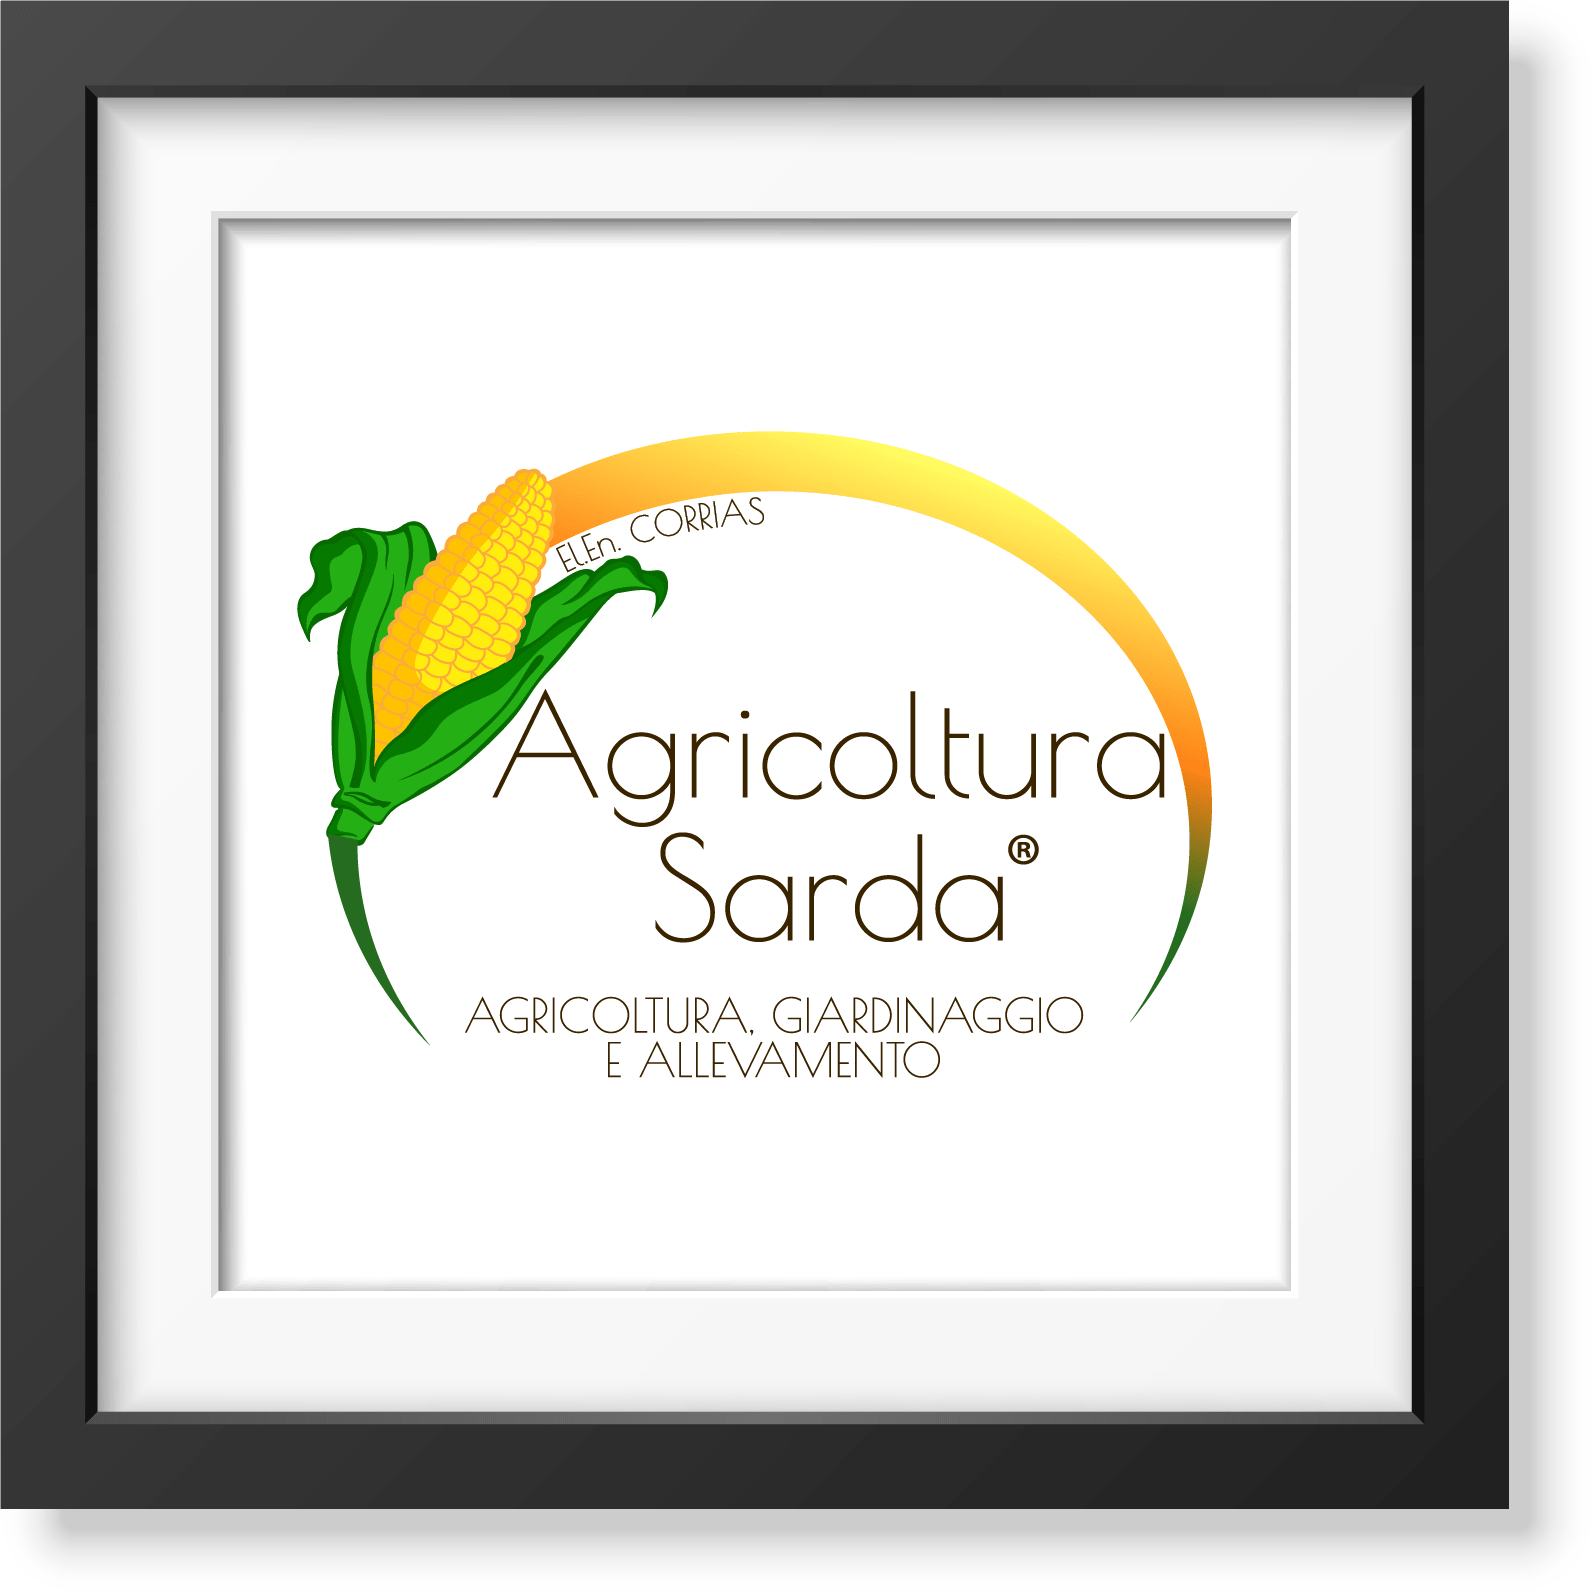 Agricoltura Sarda - studio e realizzazione logo e immagine coordinata